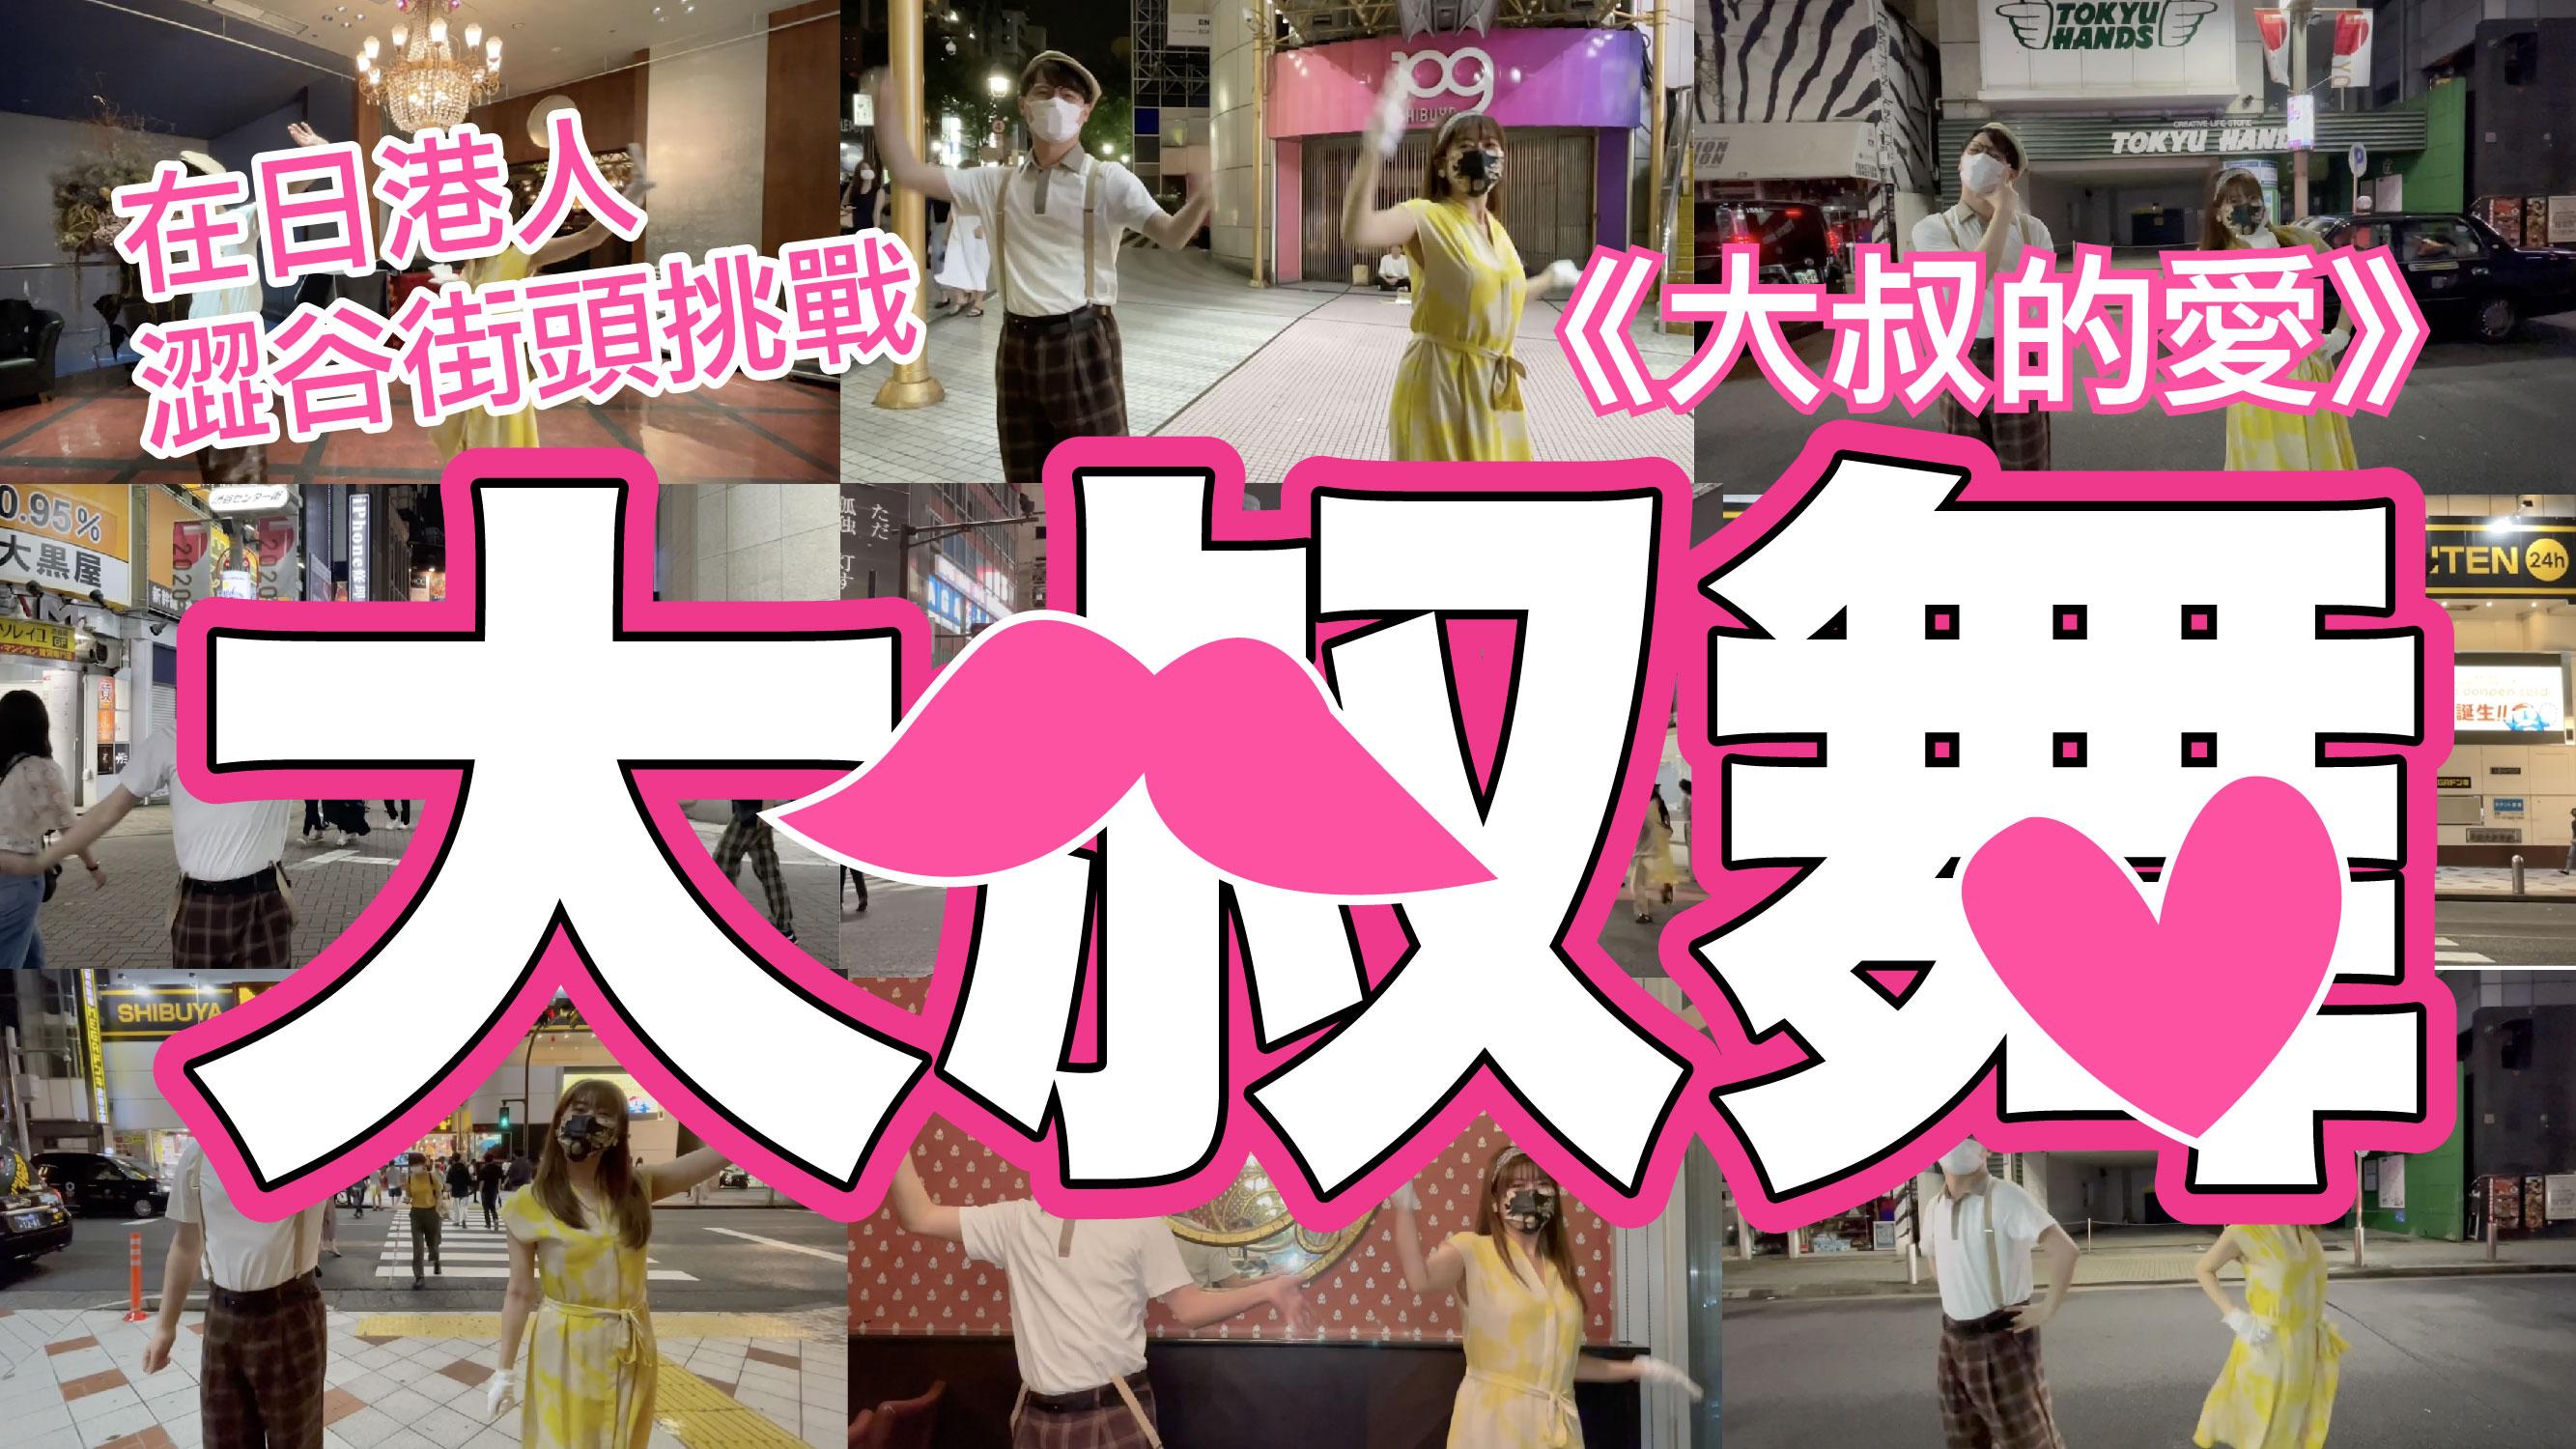 #大叔舞challenge 在日港人東京澀谷街頭挑戰《大叔的愛》主題曲大叔舞👯♂️|《大叔的愛》反攻日本,作為香港人的熱菇實在太自豪啦🇯🇵